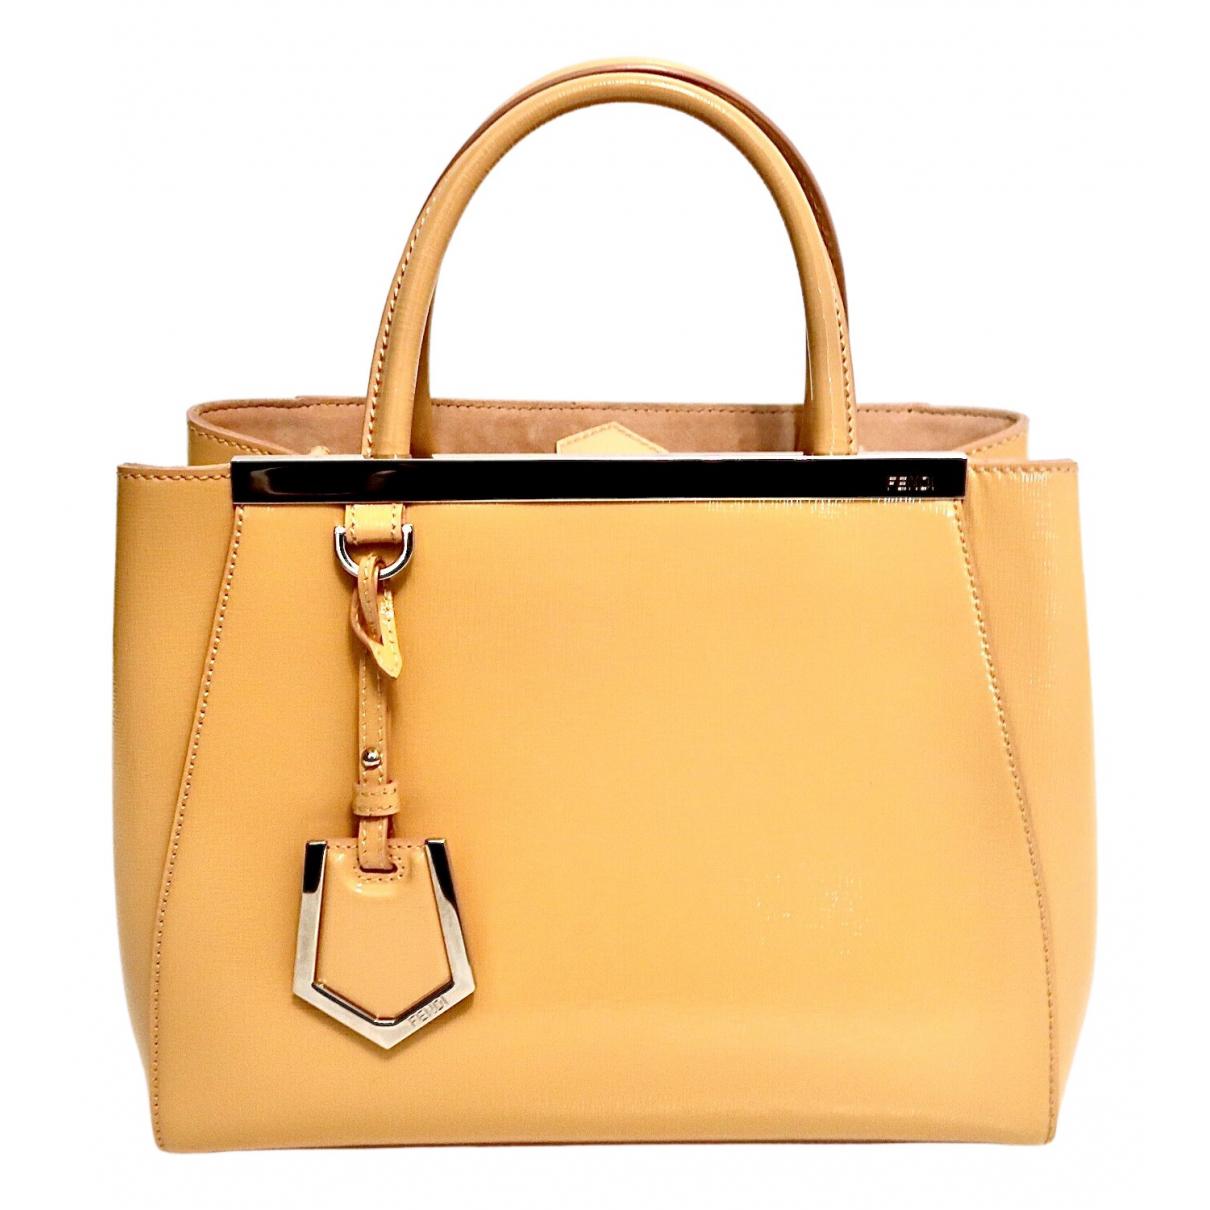 Fendi 2Jours Handtasche in  Beige Leder